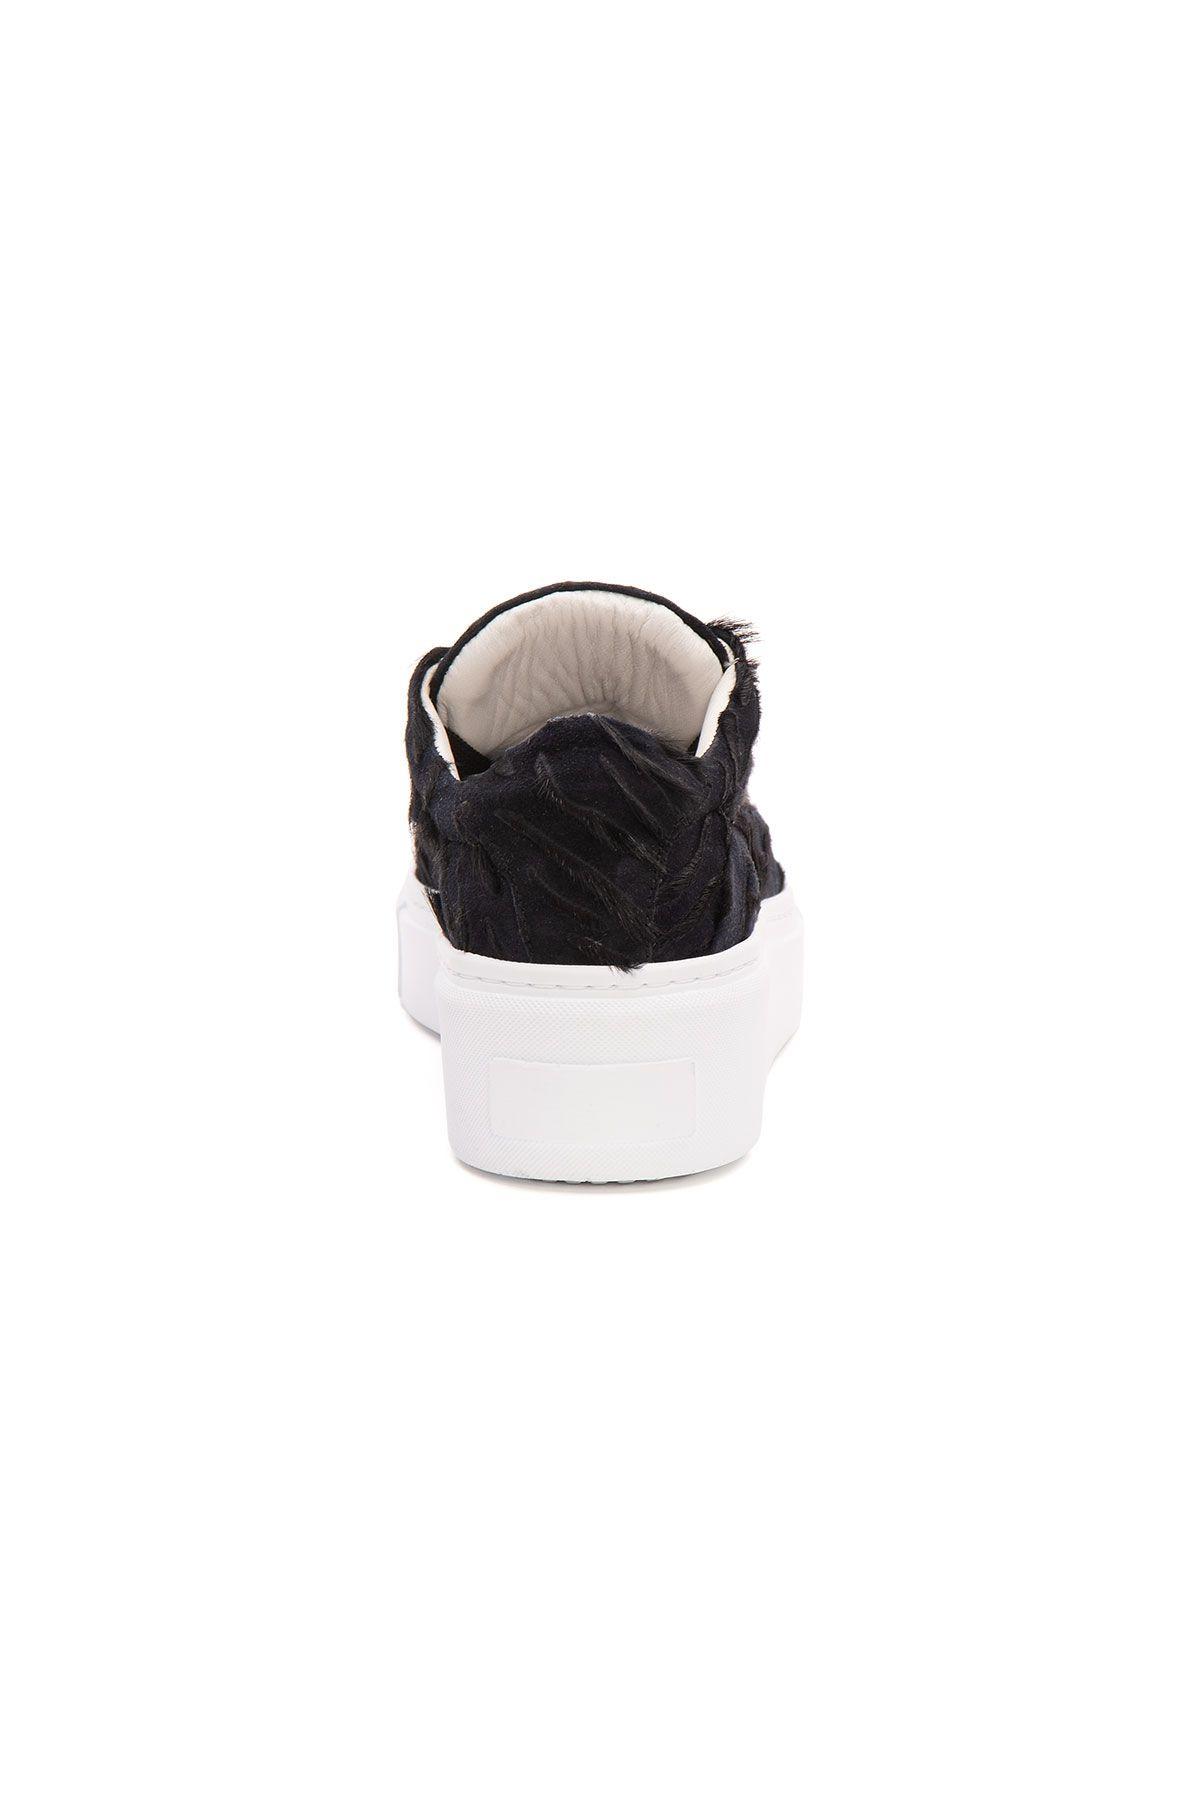 Pegia Genuine Leather Women's Sneaker LA1638 Black